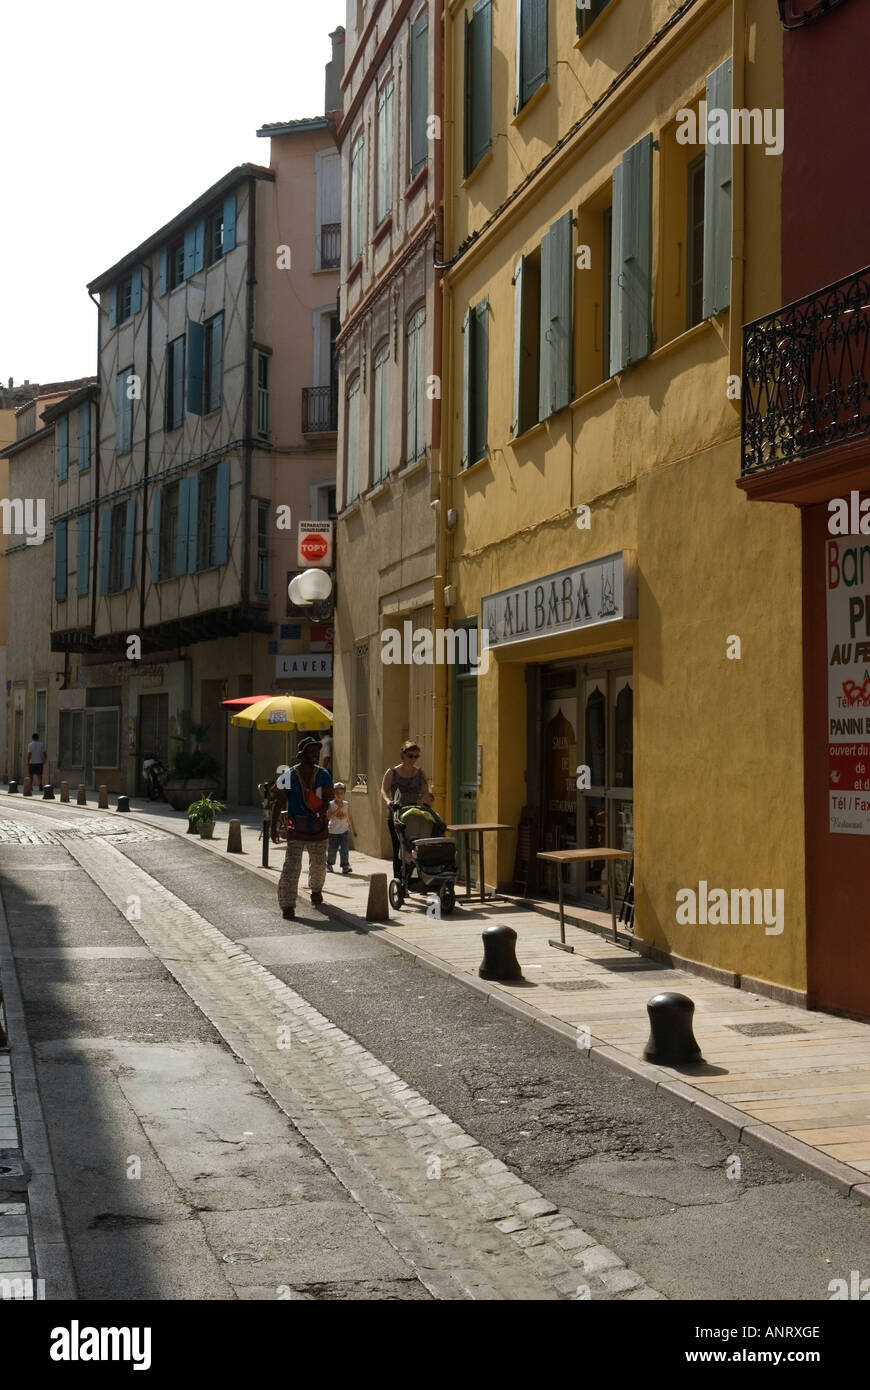 Alibaba bar dans la vieille ville, la cité médiévale ville de Perpignan France 2006 Photo Stock